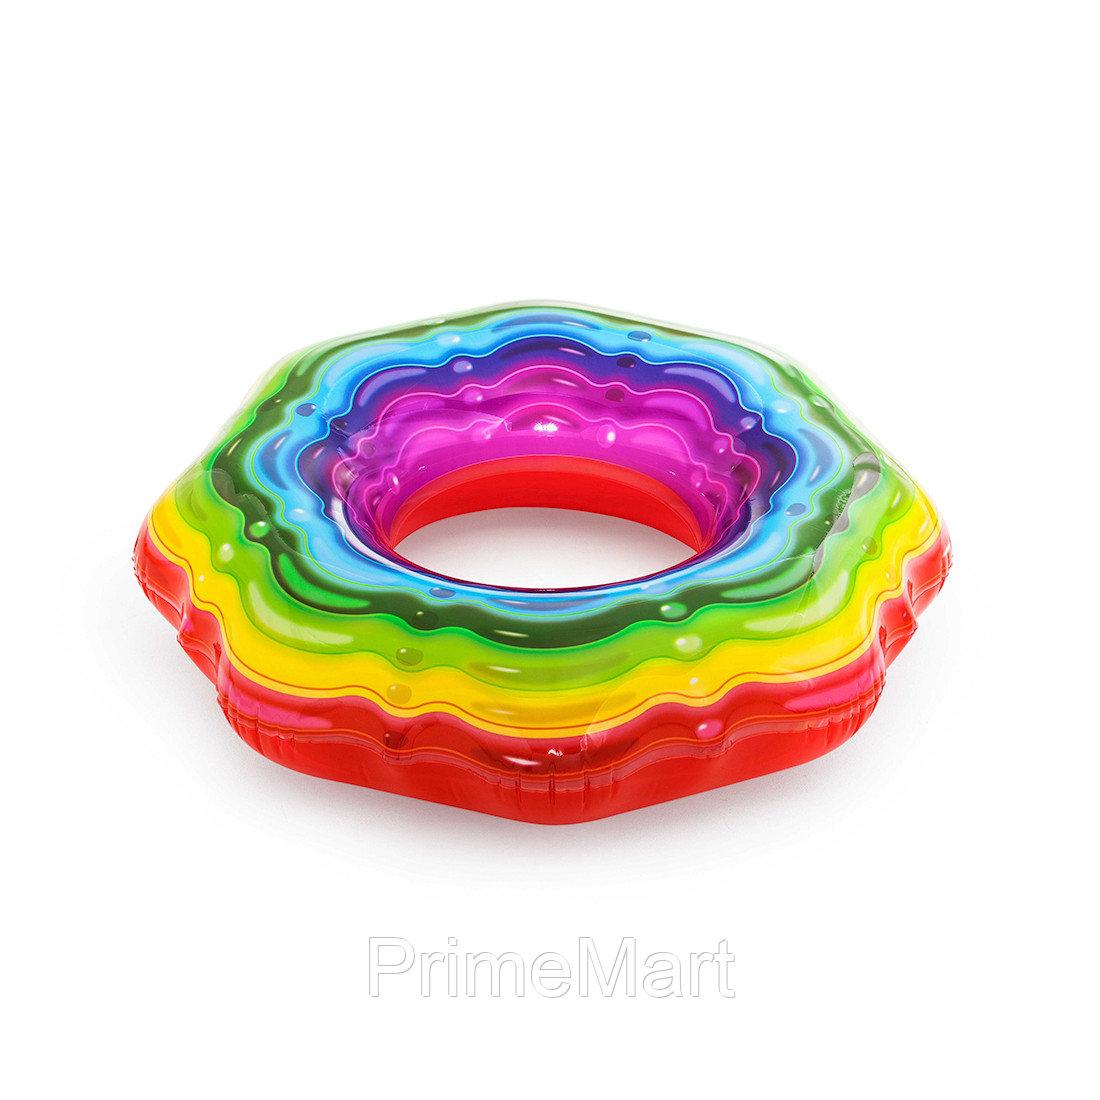 Круг для плавания Rainbow Ribbon 115 см, BESTWAY, 36163, Винил, 12+, Оргинальная форма, Радужный, Цветная коробка